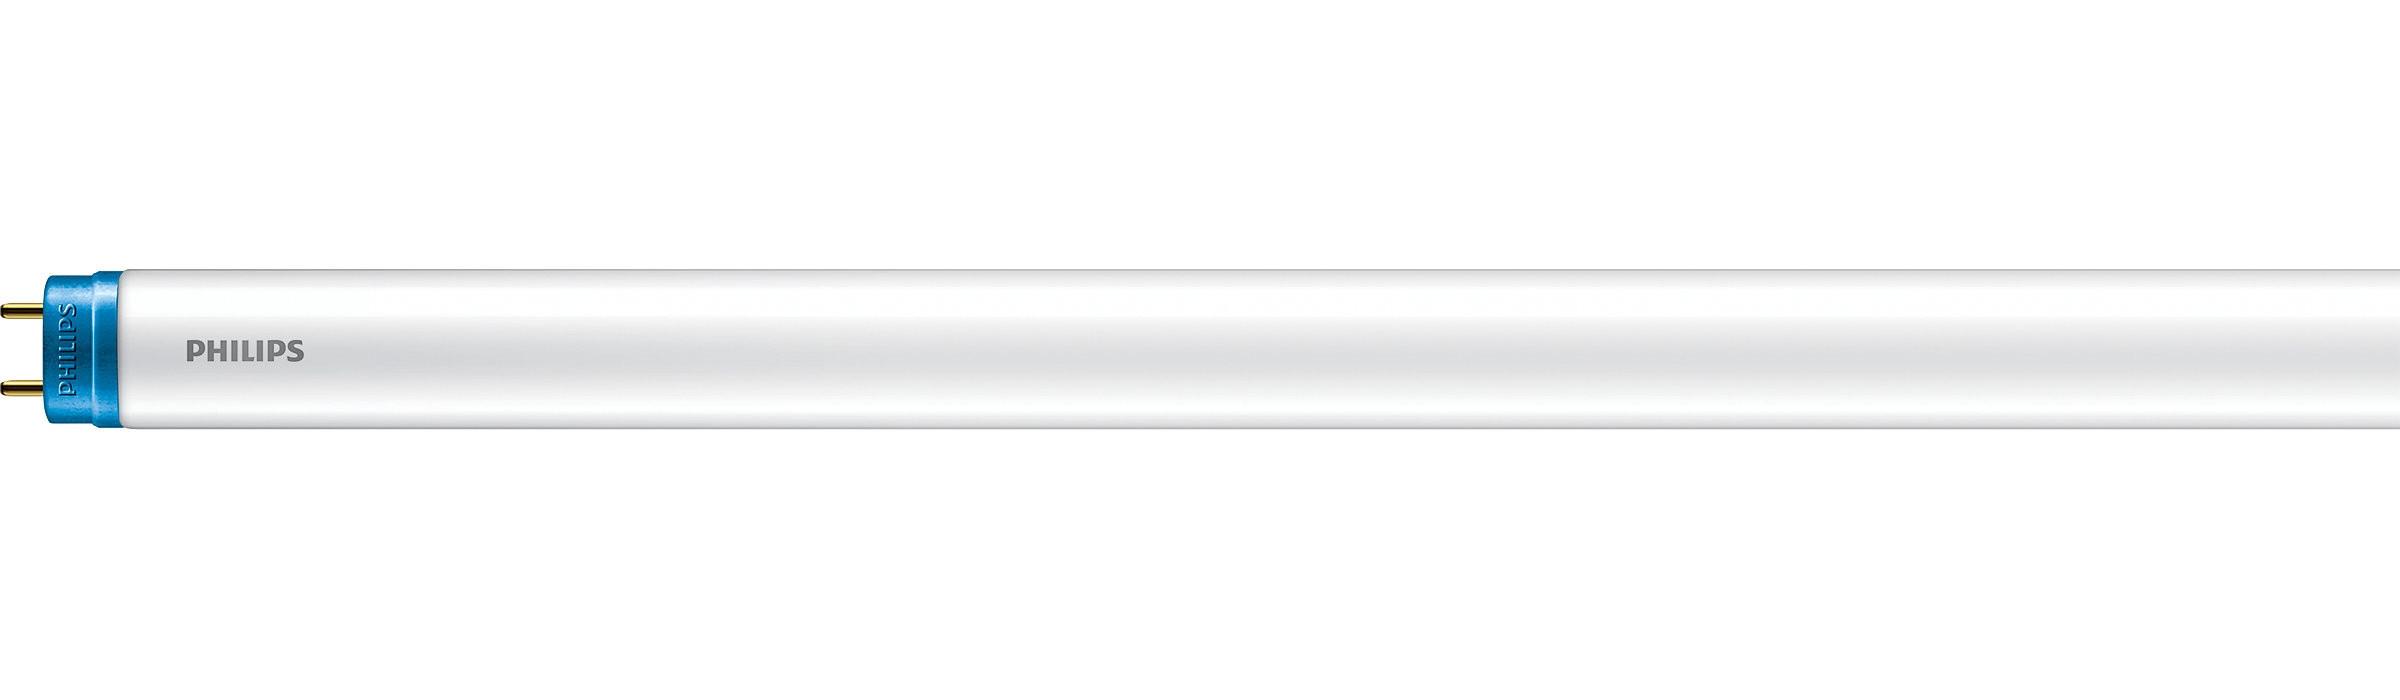 LED Röhre Philips CoreLEDtube 240° - 4000K neutralweiss - 20W - 2200lm